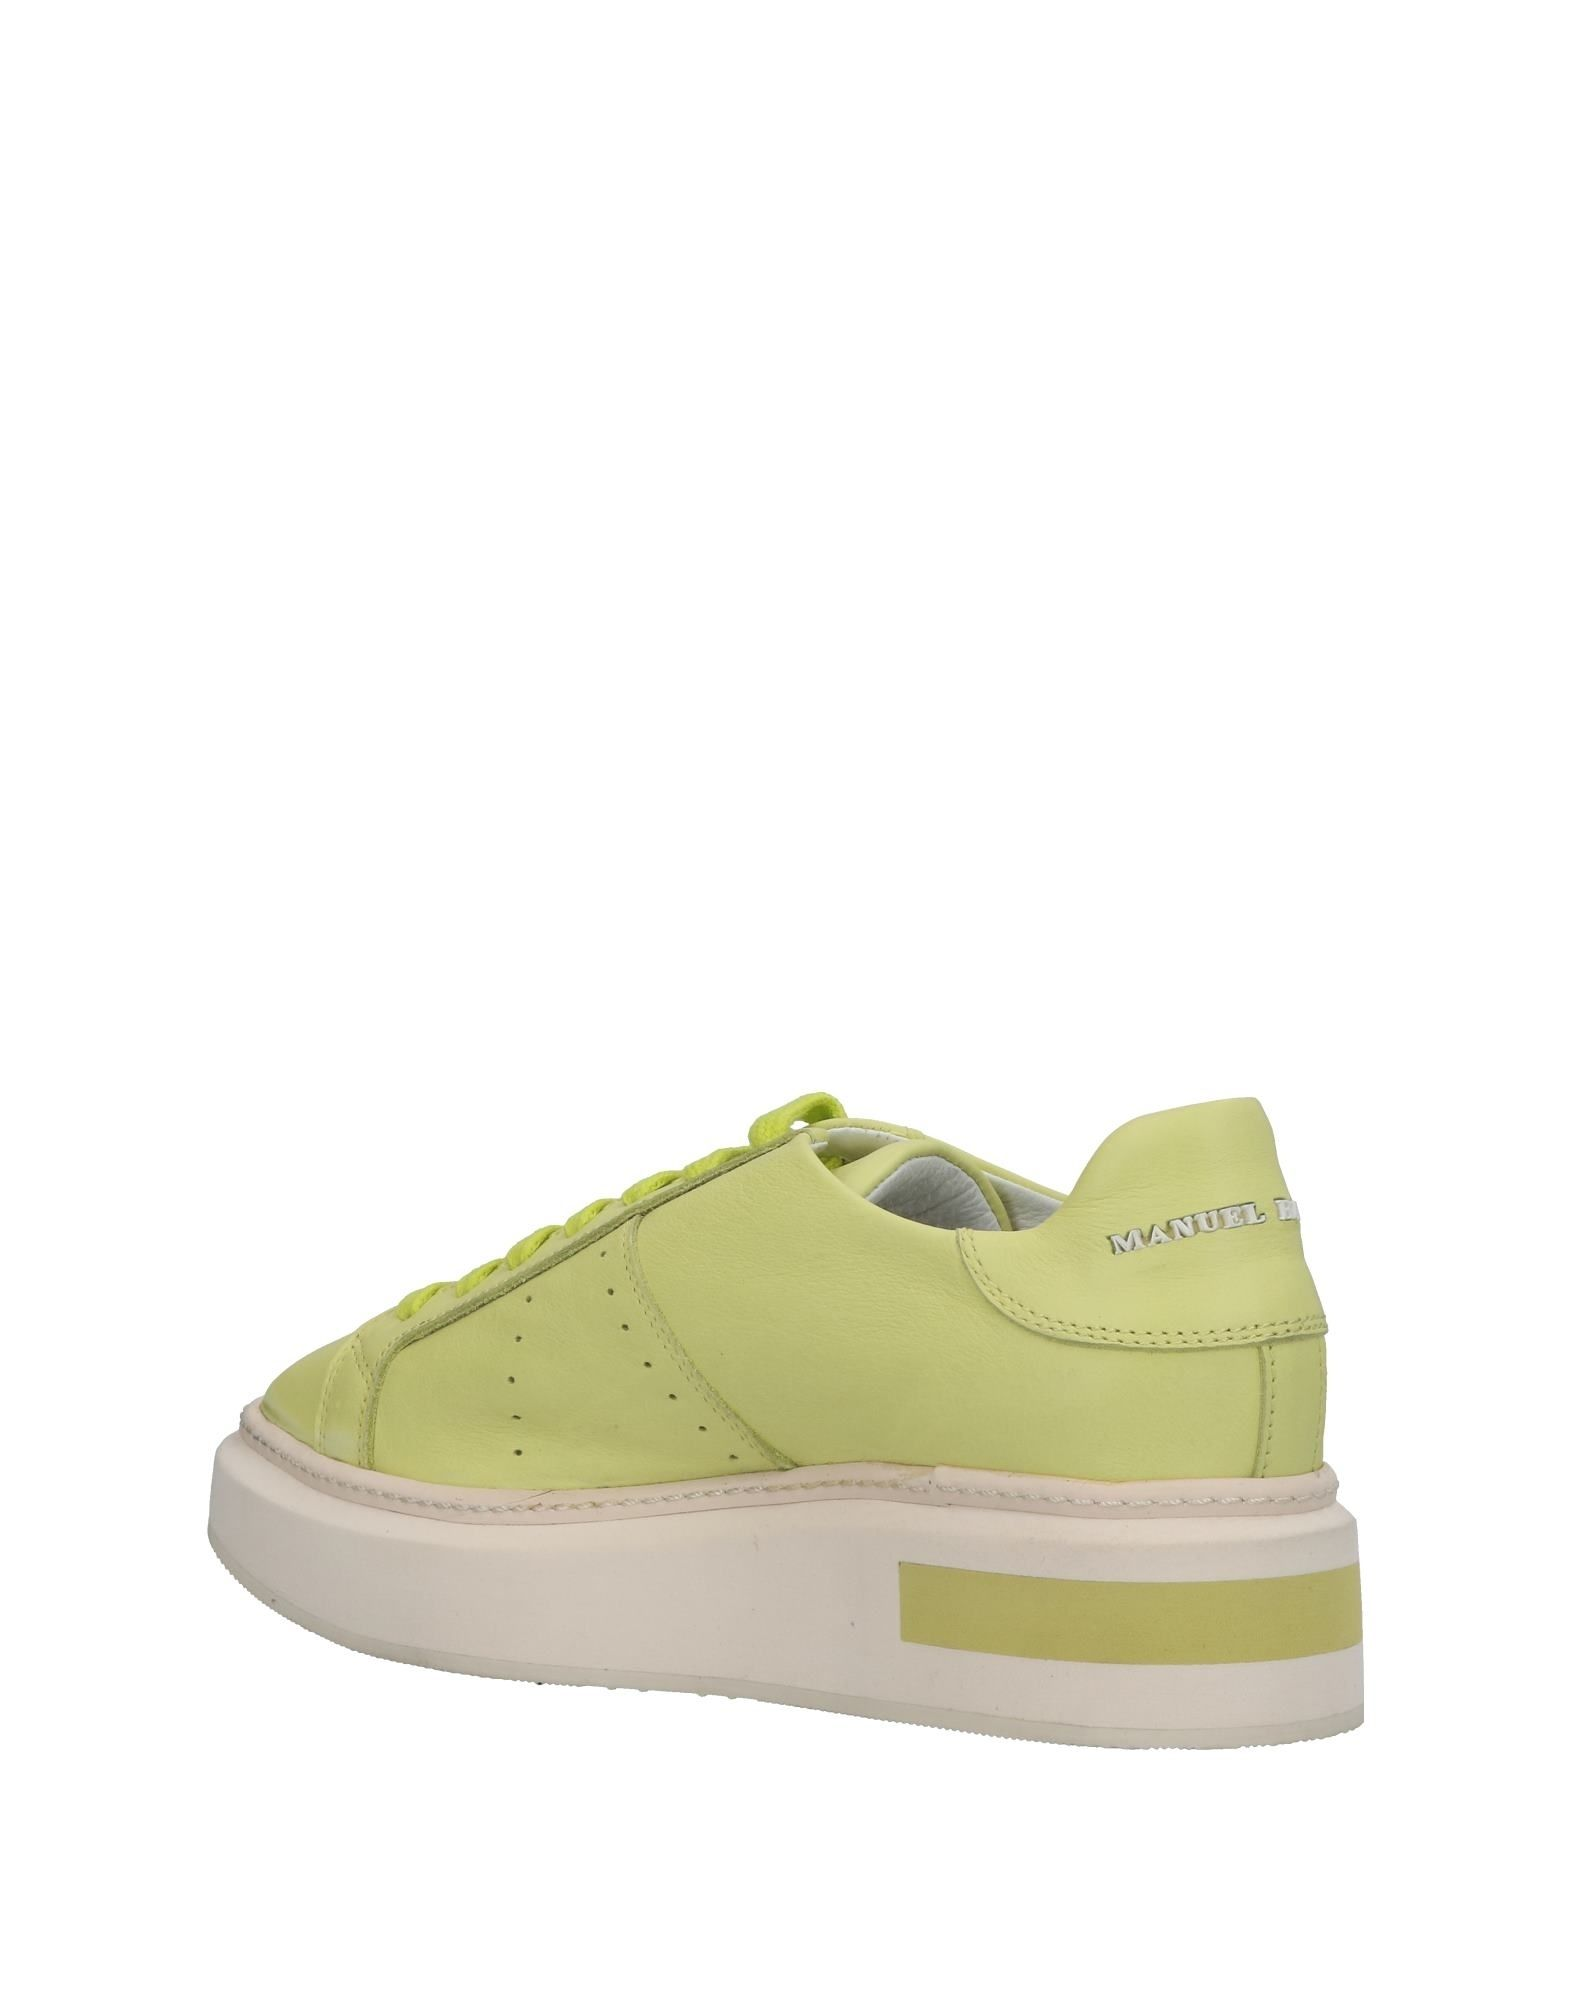 Paloma Barceló Sneakers Damen beliebte  11380752JL Gute Qualität beliebte Damen Schuhe 26ad47